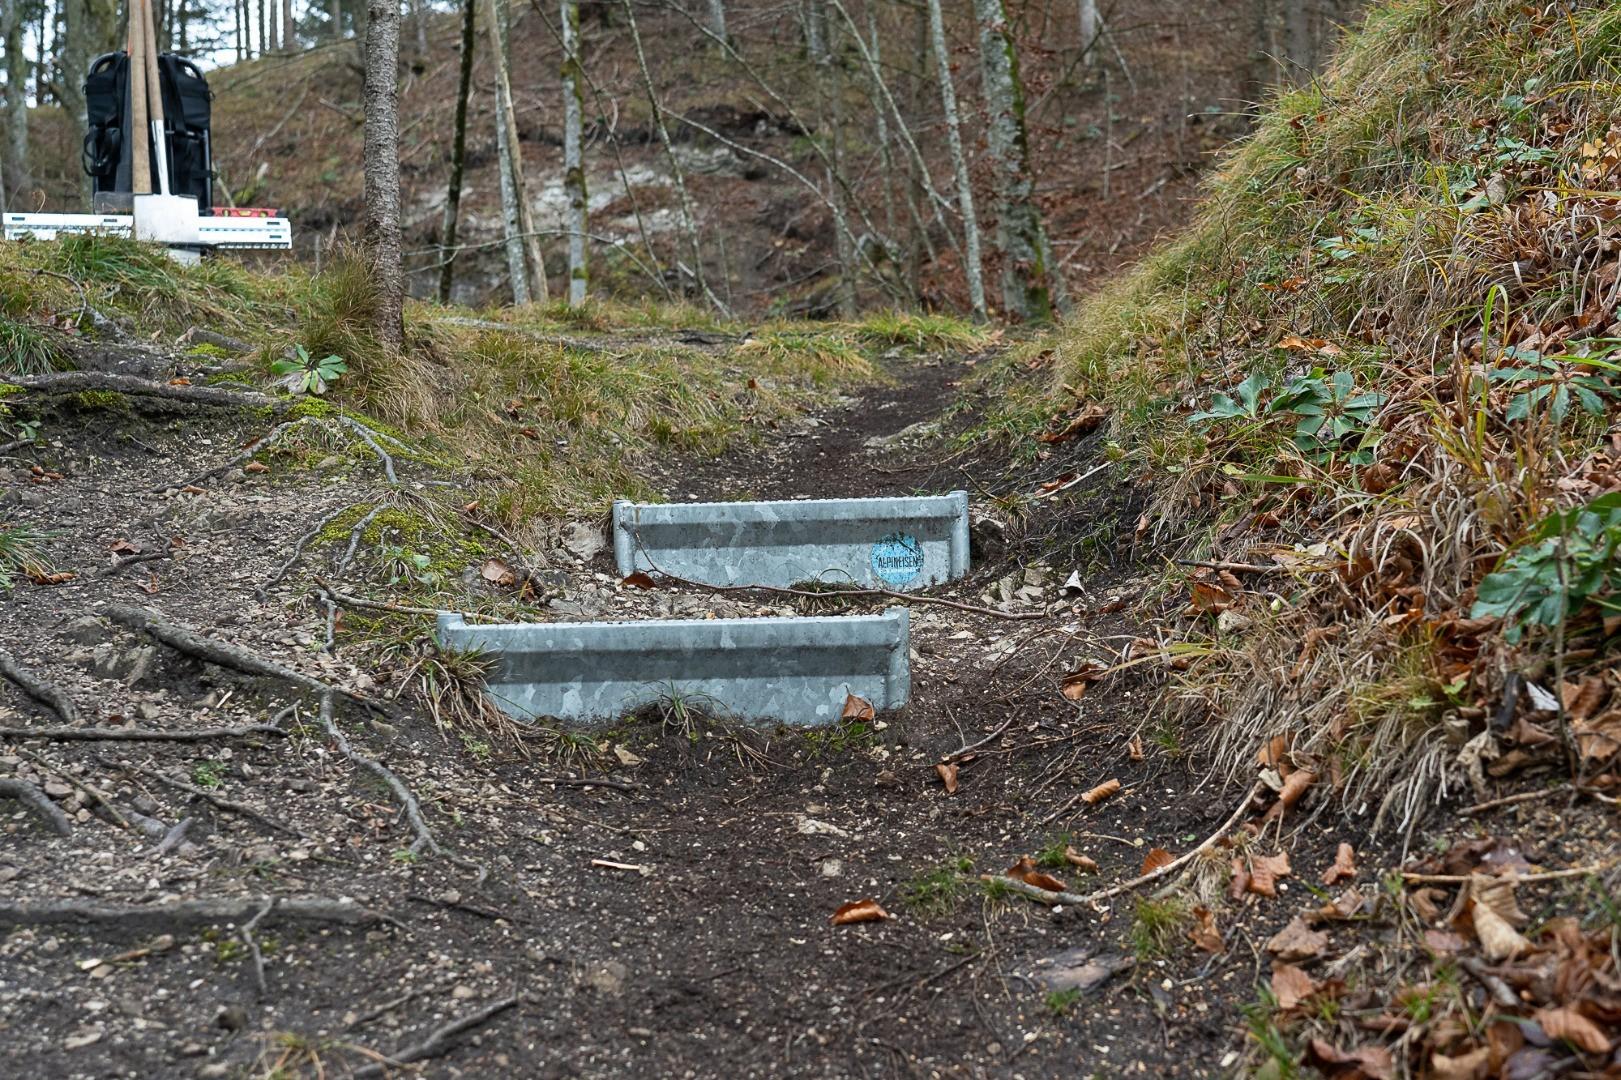 Wanderweg im Wald - Alpineisen Steinbock